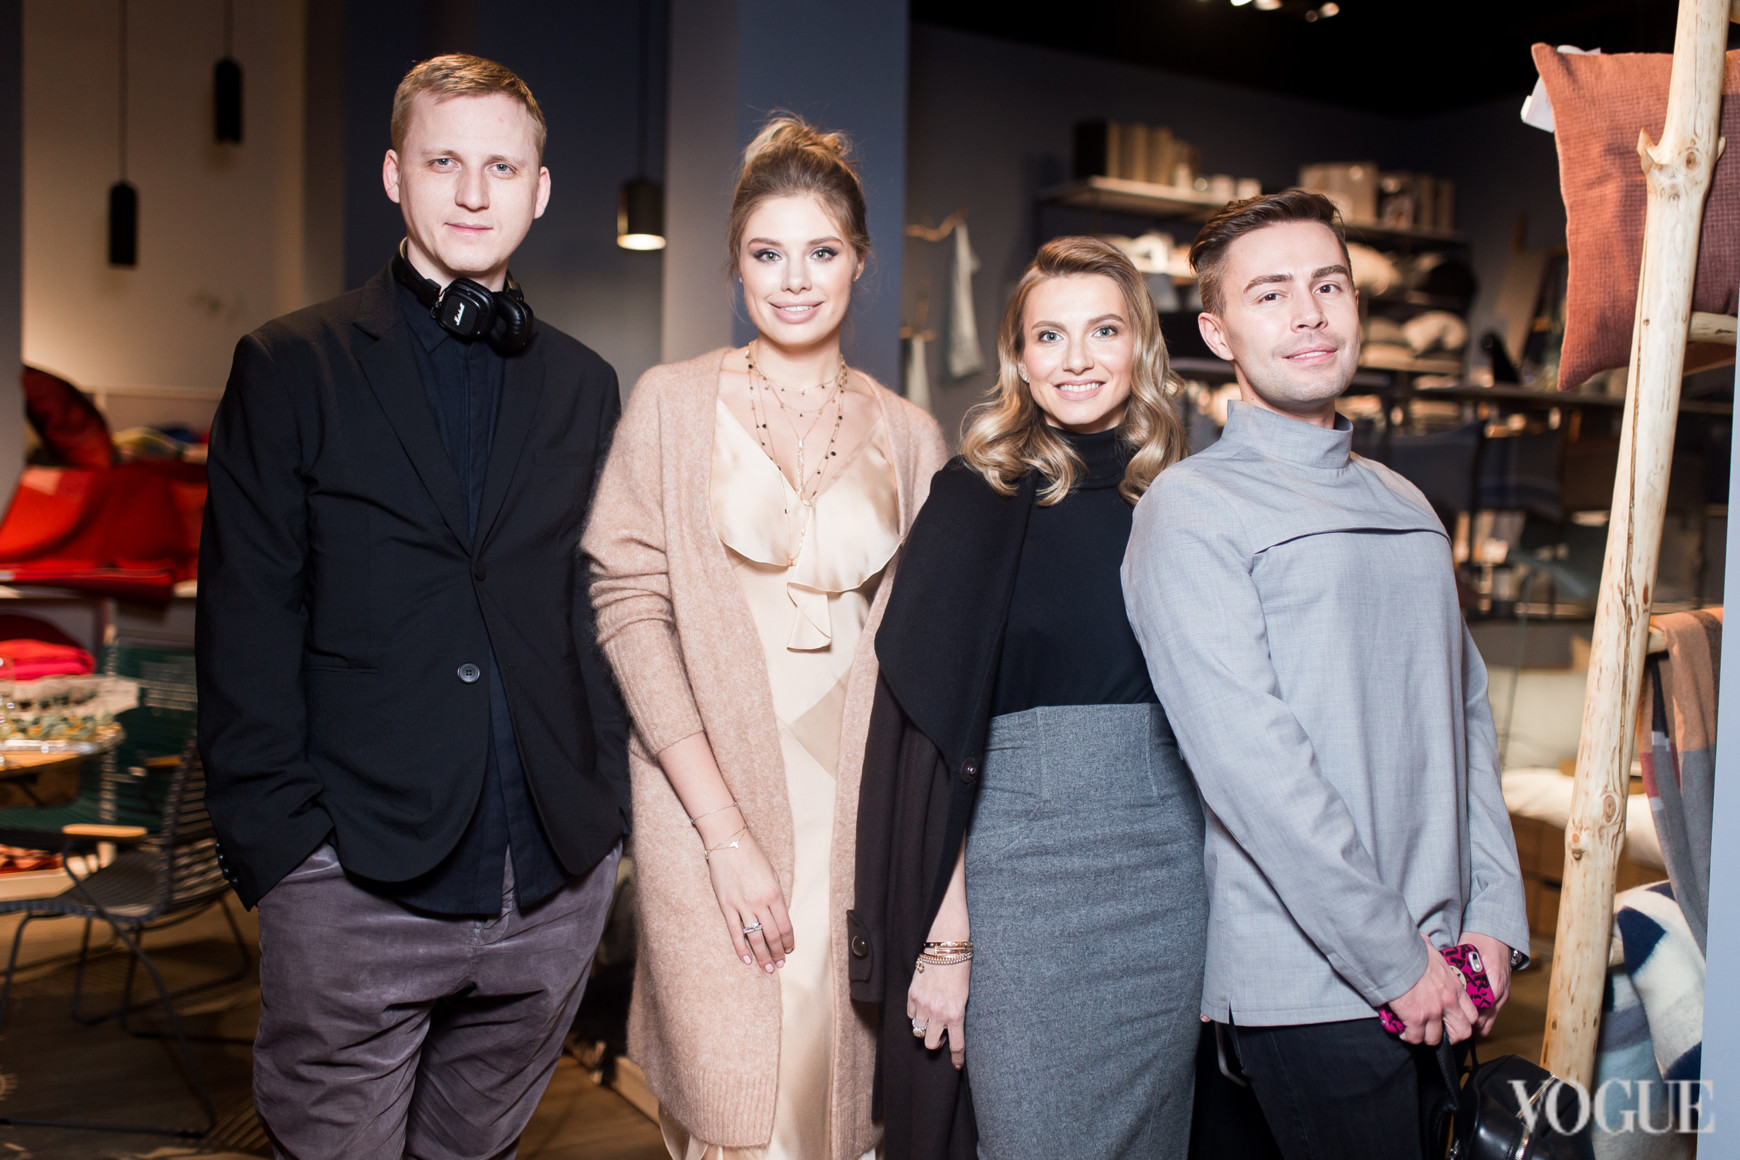 Артем Климчук, Татьяна Терехова, Елизавета Юрушева и Алексей Прищепа